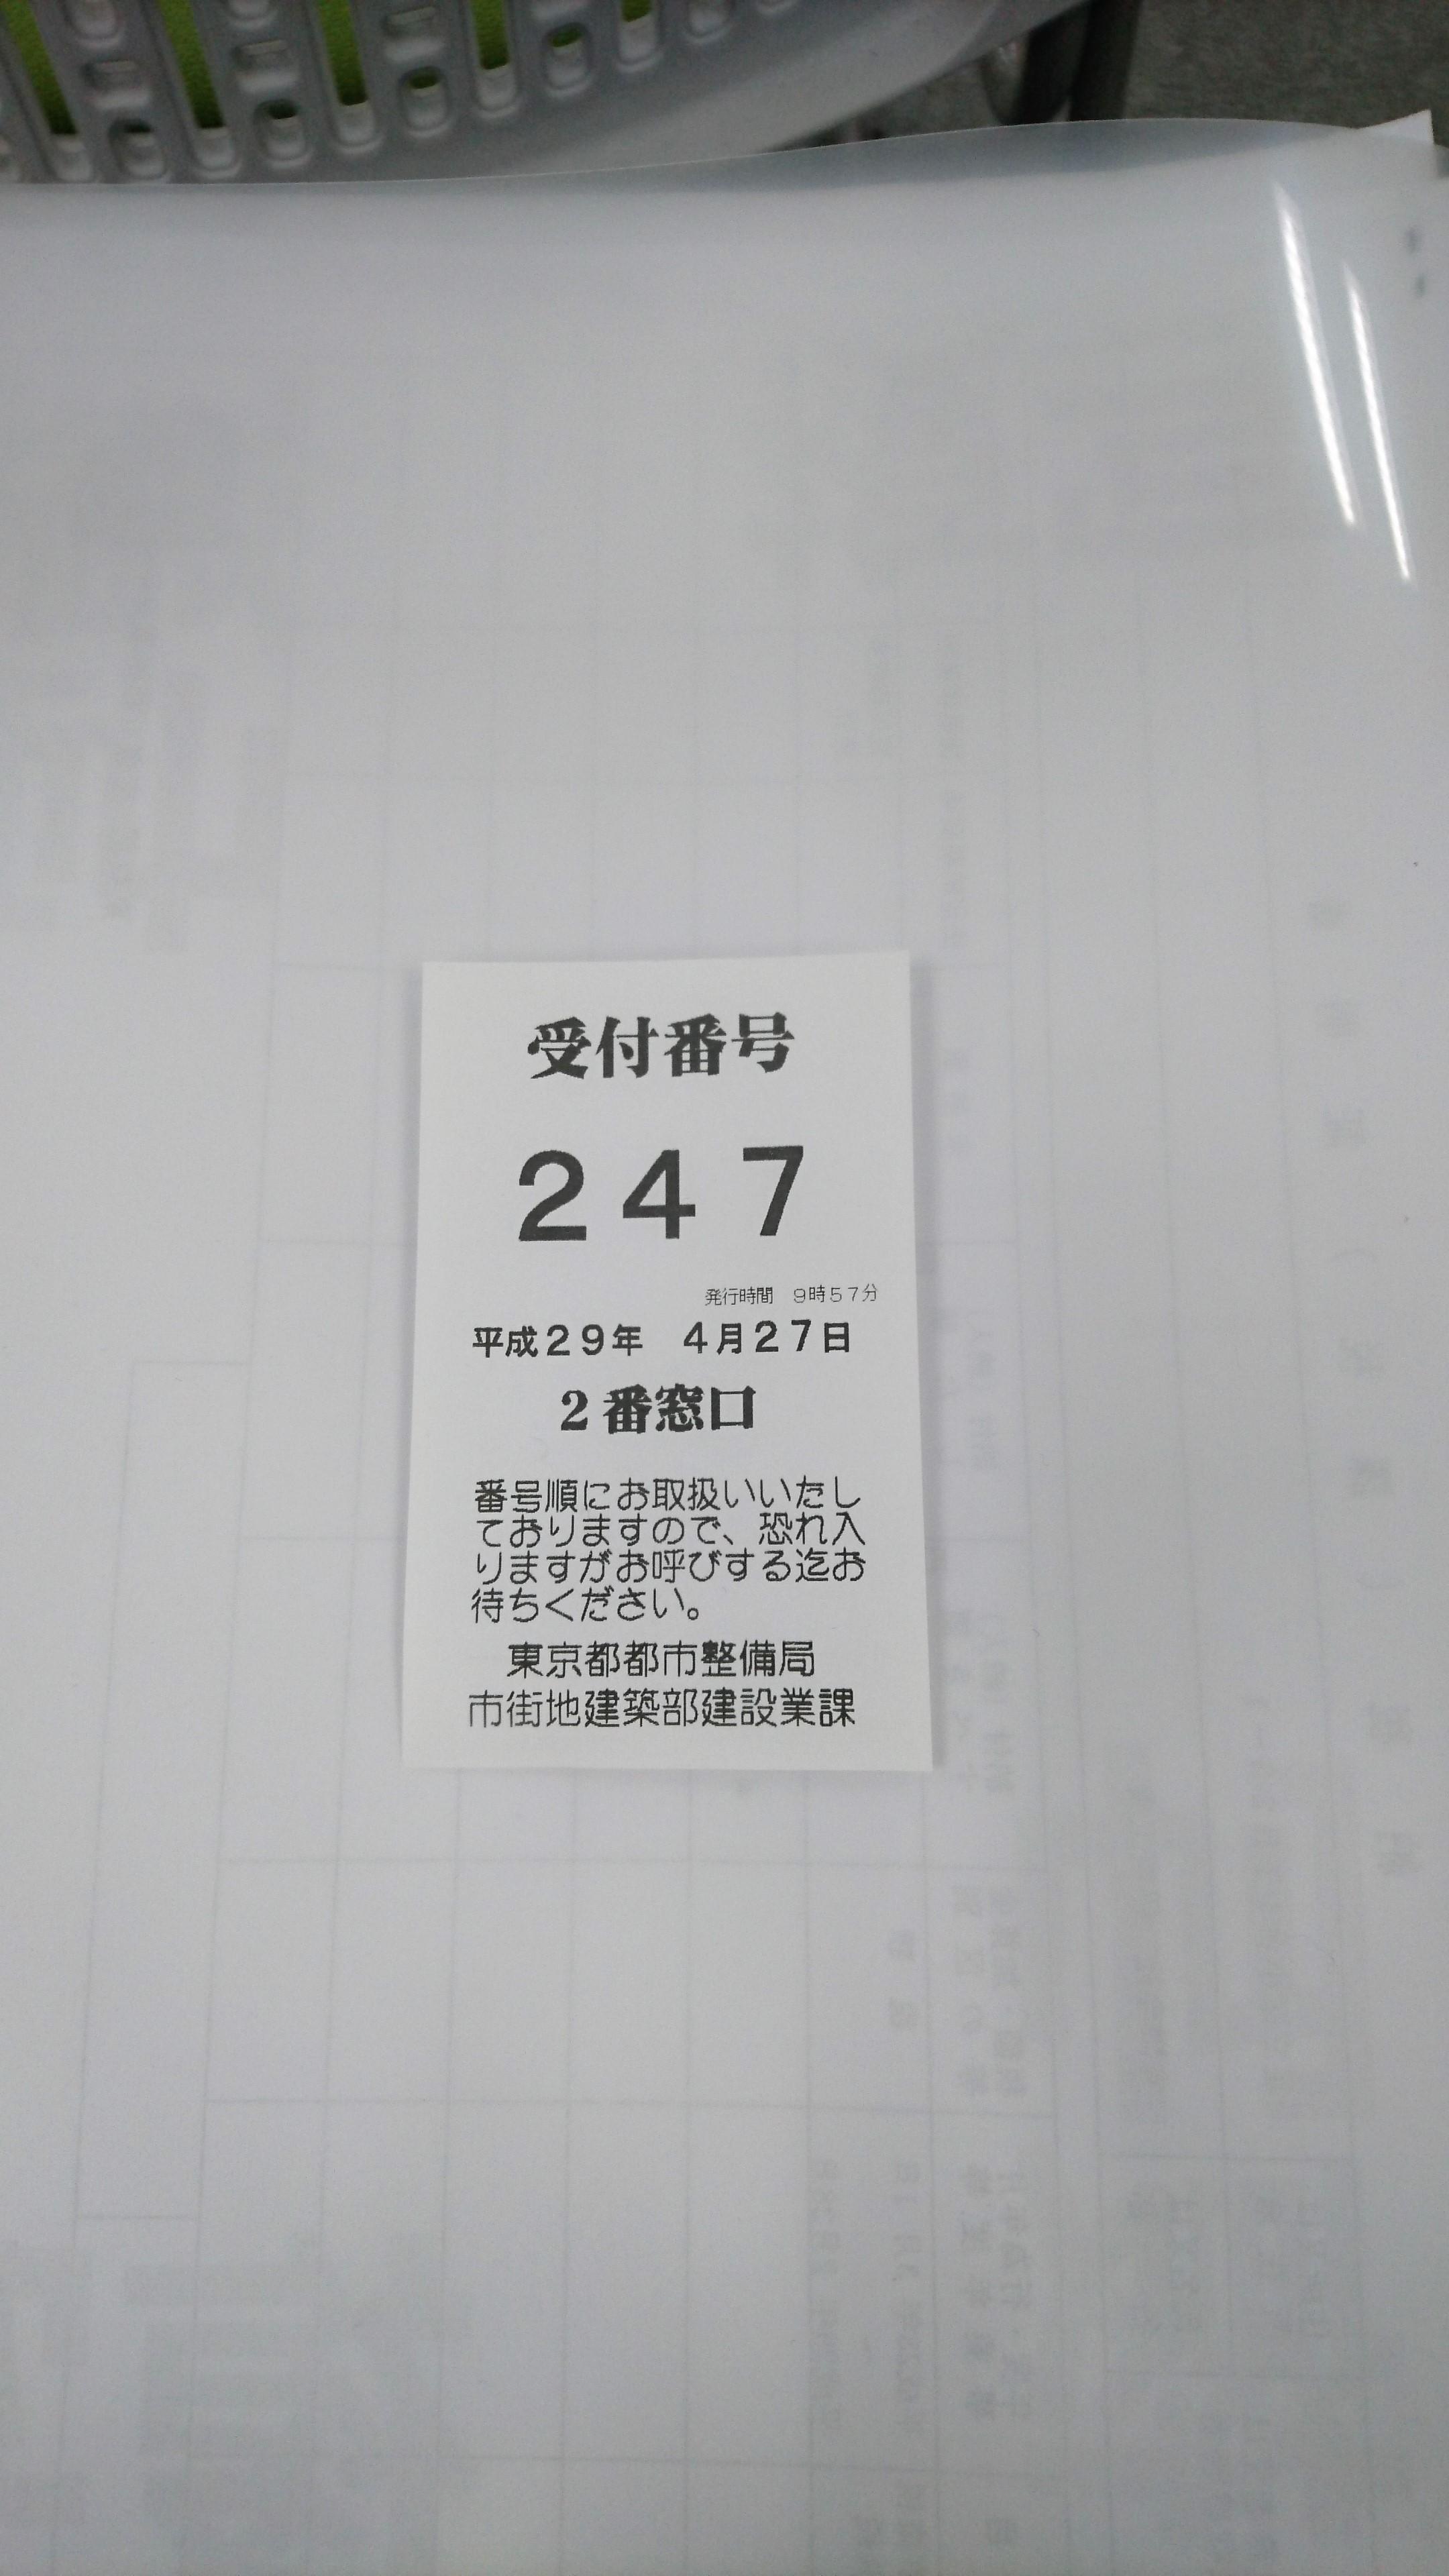 都建設業課2番窓口の番号札。1番窓口とは番号が違います。